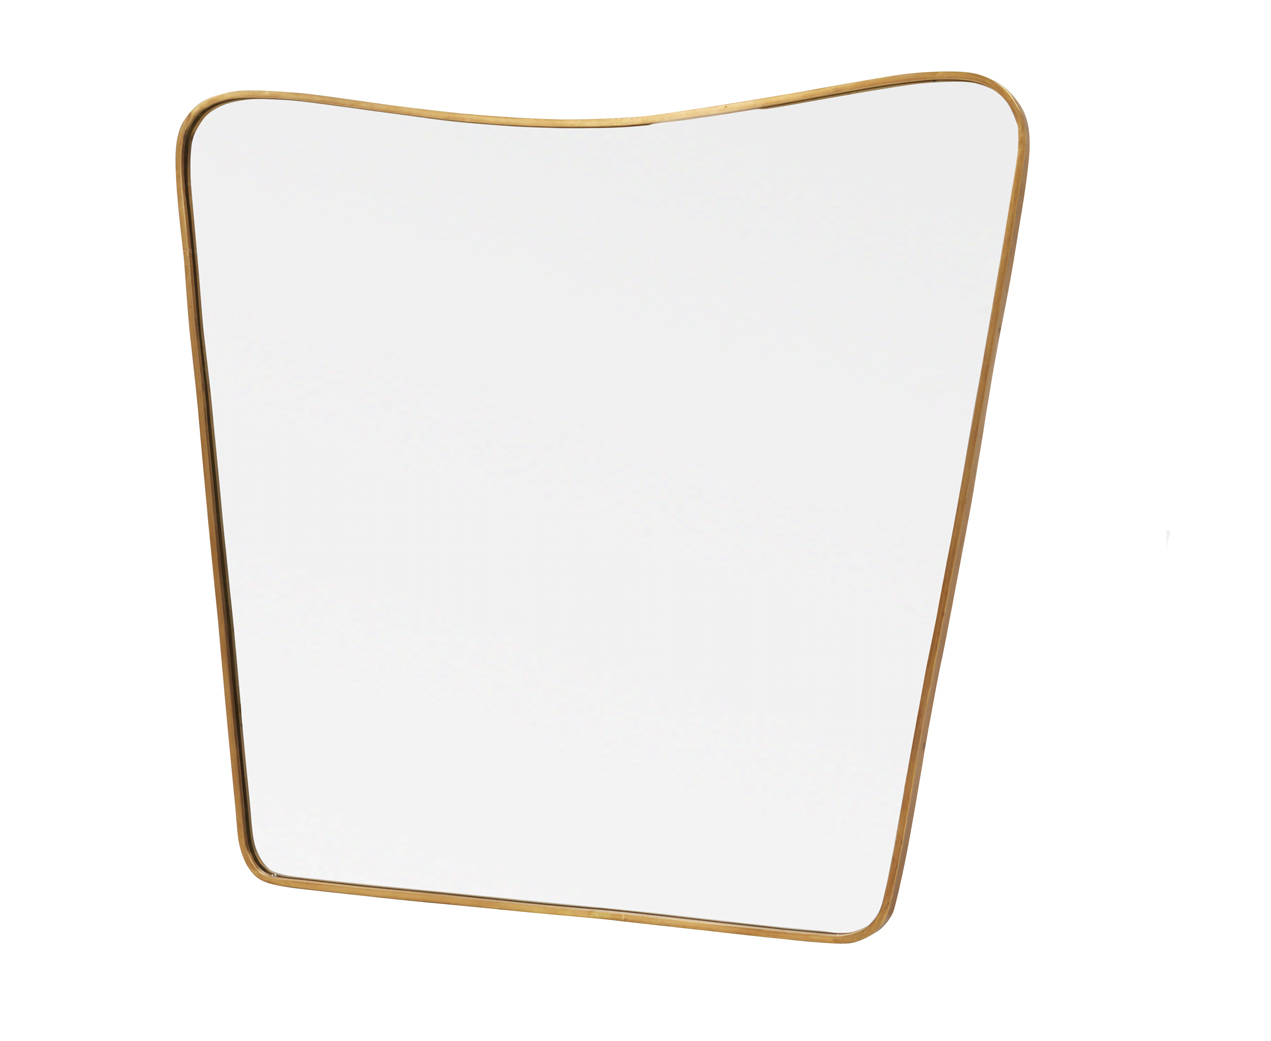 Big Brass Mirror Retro Wall Mirror Loaf Loaf